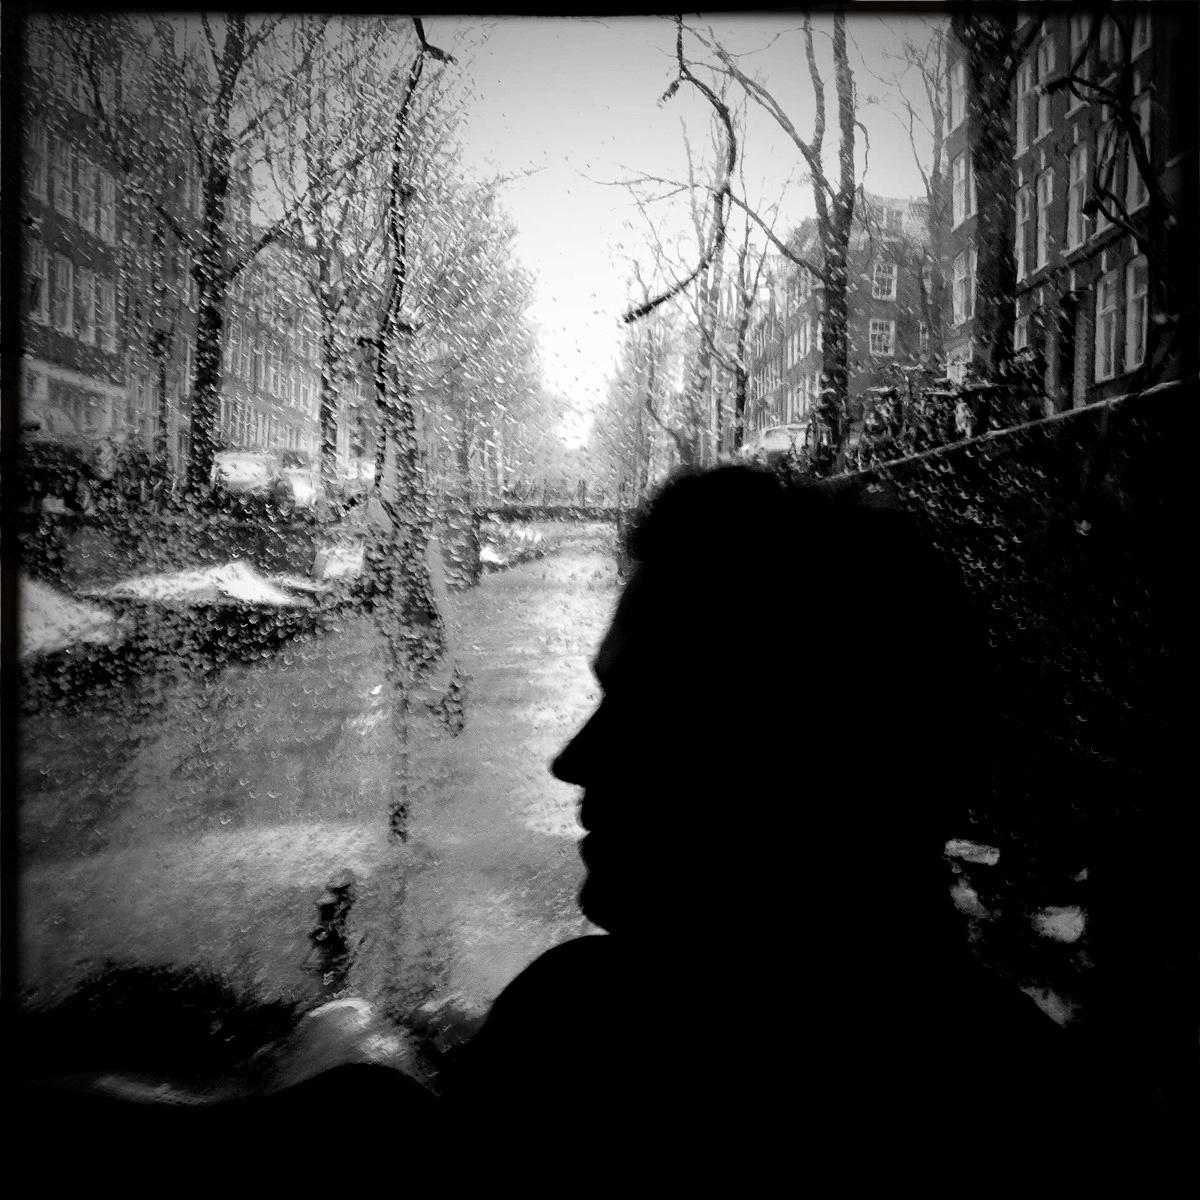 Autor Ralf Johnen an Bord eines Salonboots im Grachtengürtel von Amsterdam